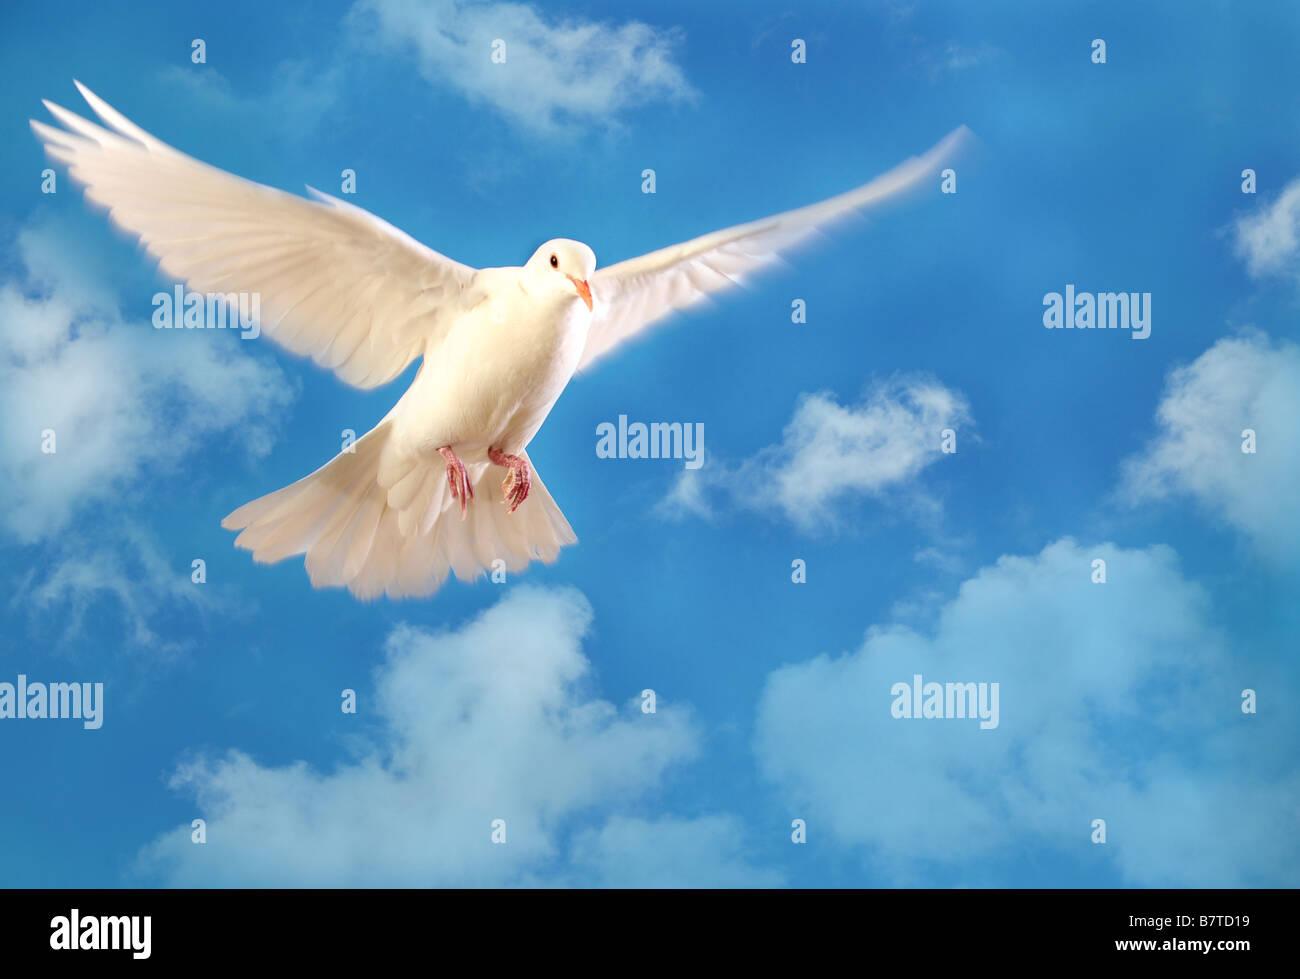 Colombe blanche volant isolé sur ciel bleu Photo Stock